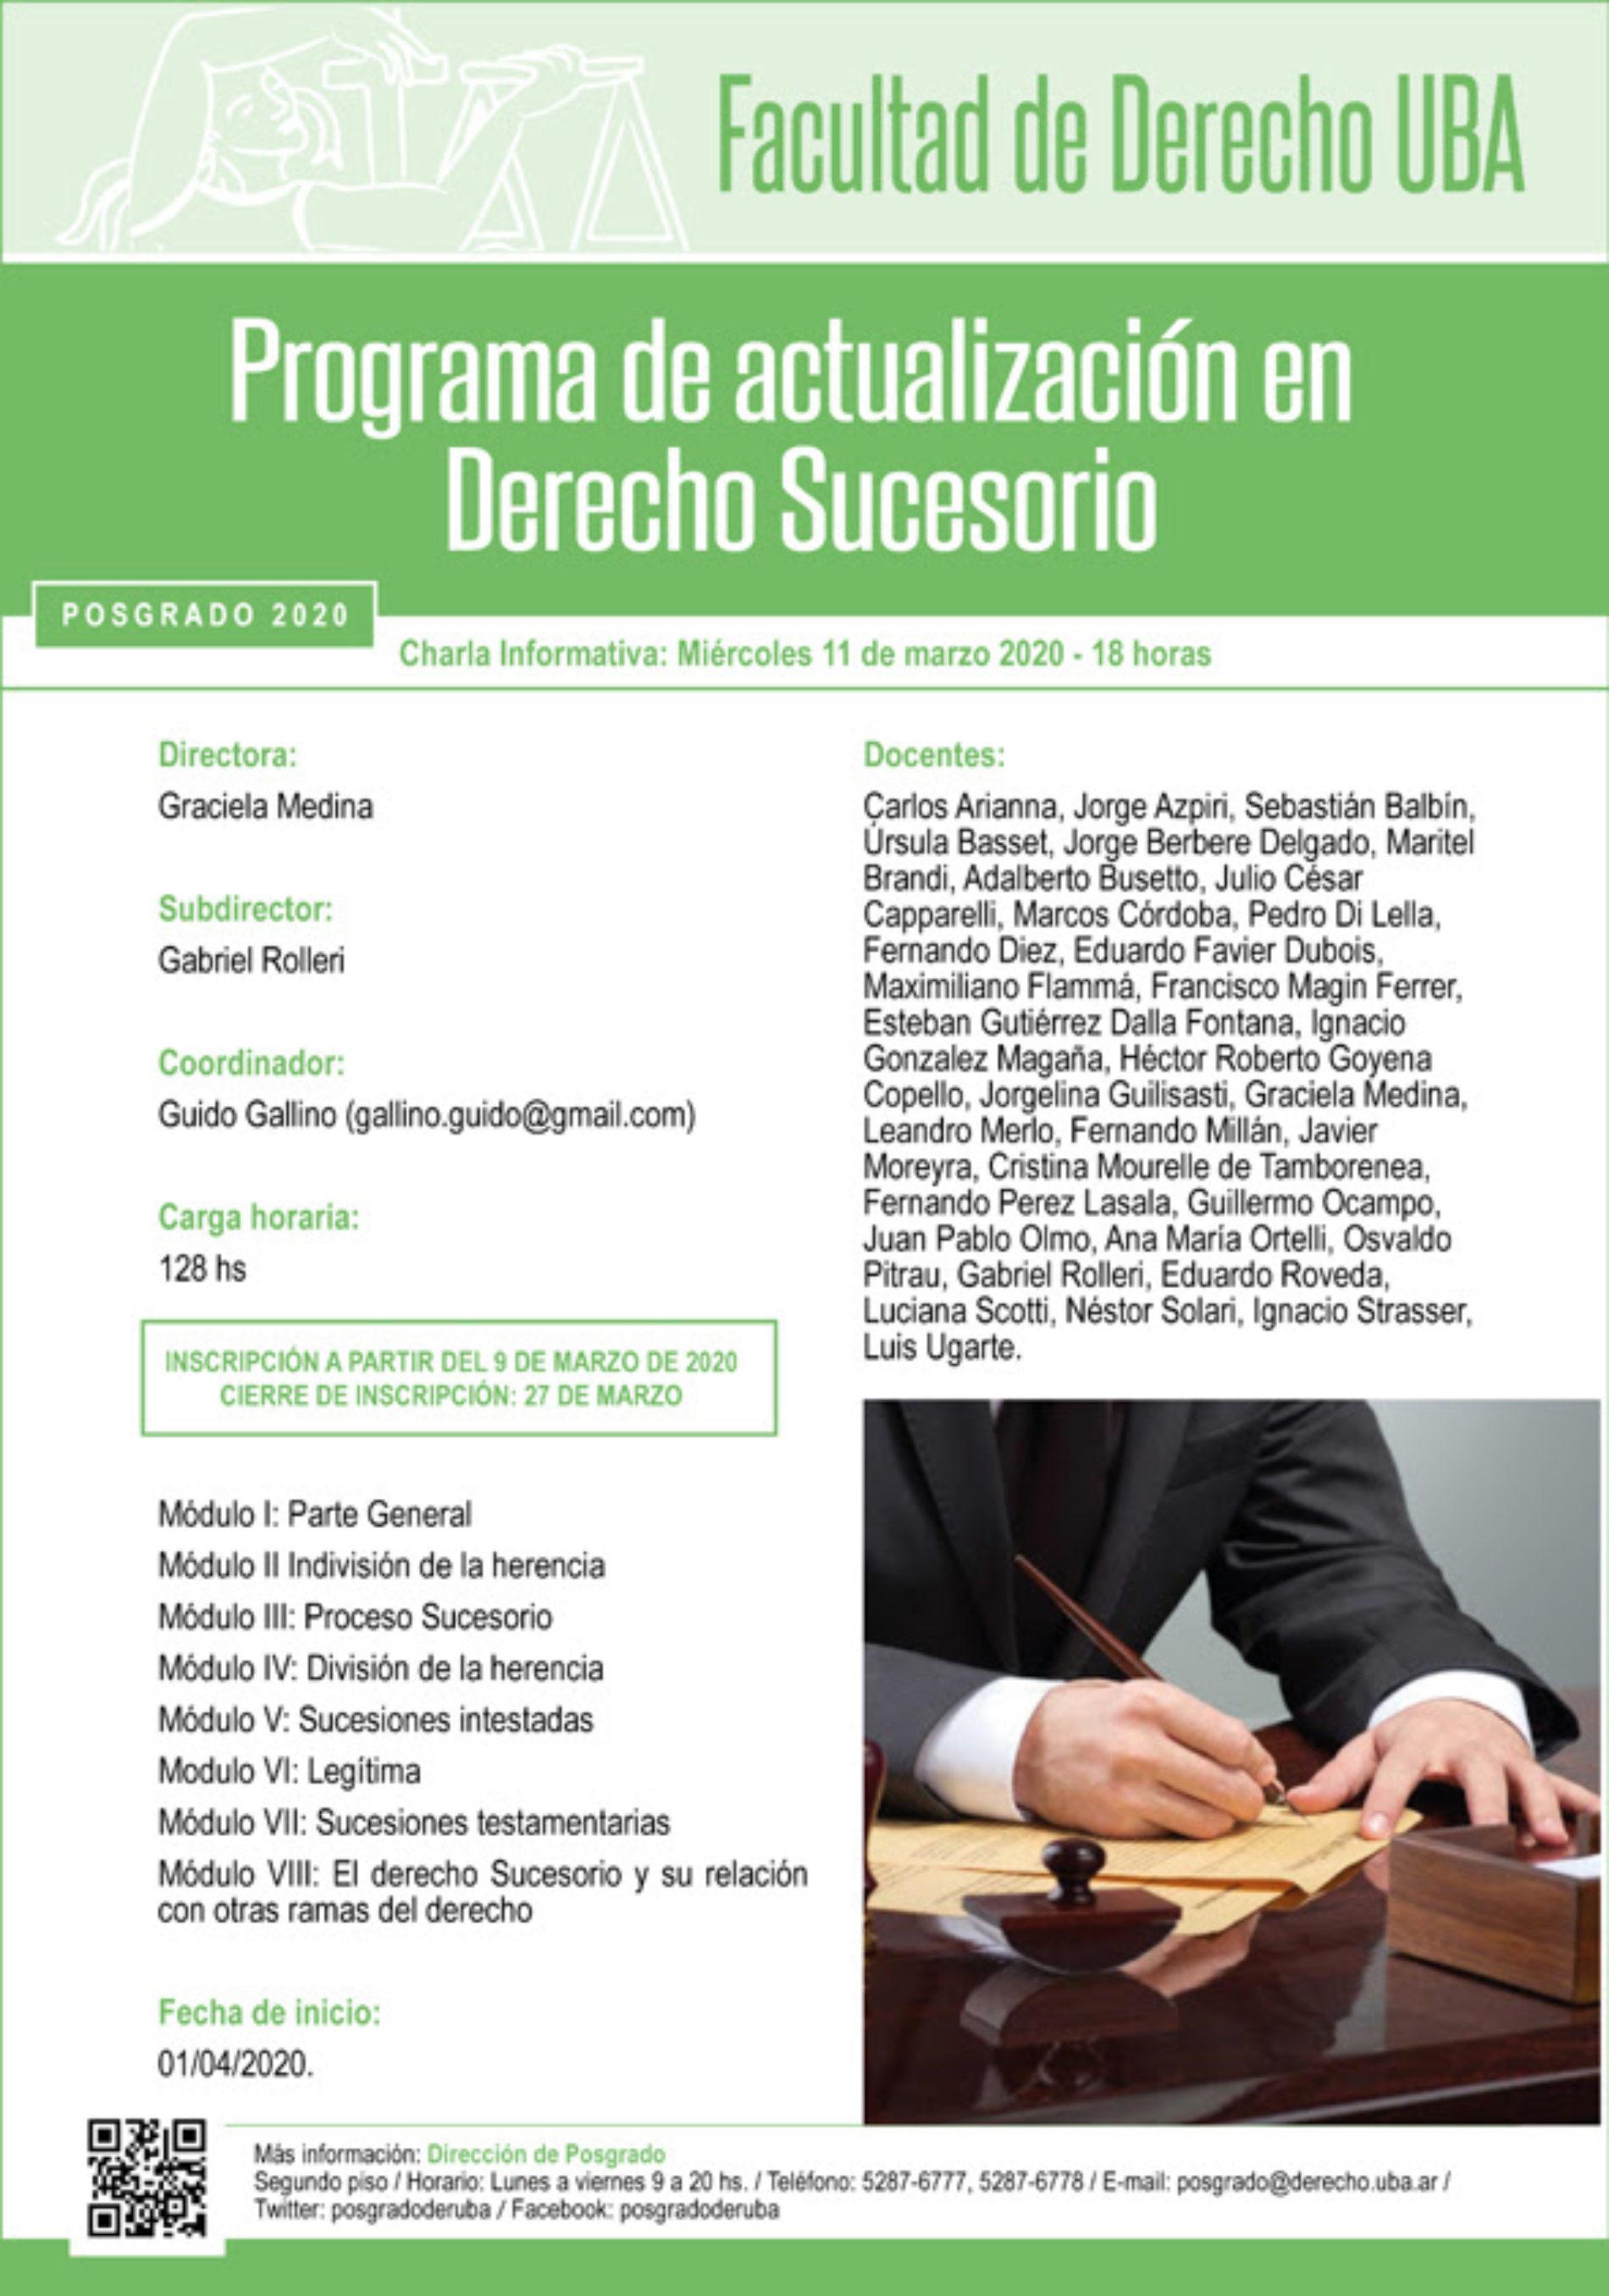 «Charla informativa del Programa de actualización en Derecho Sucesorio»